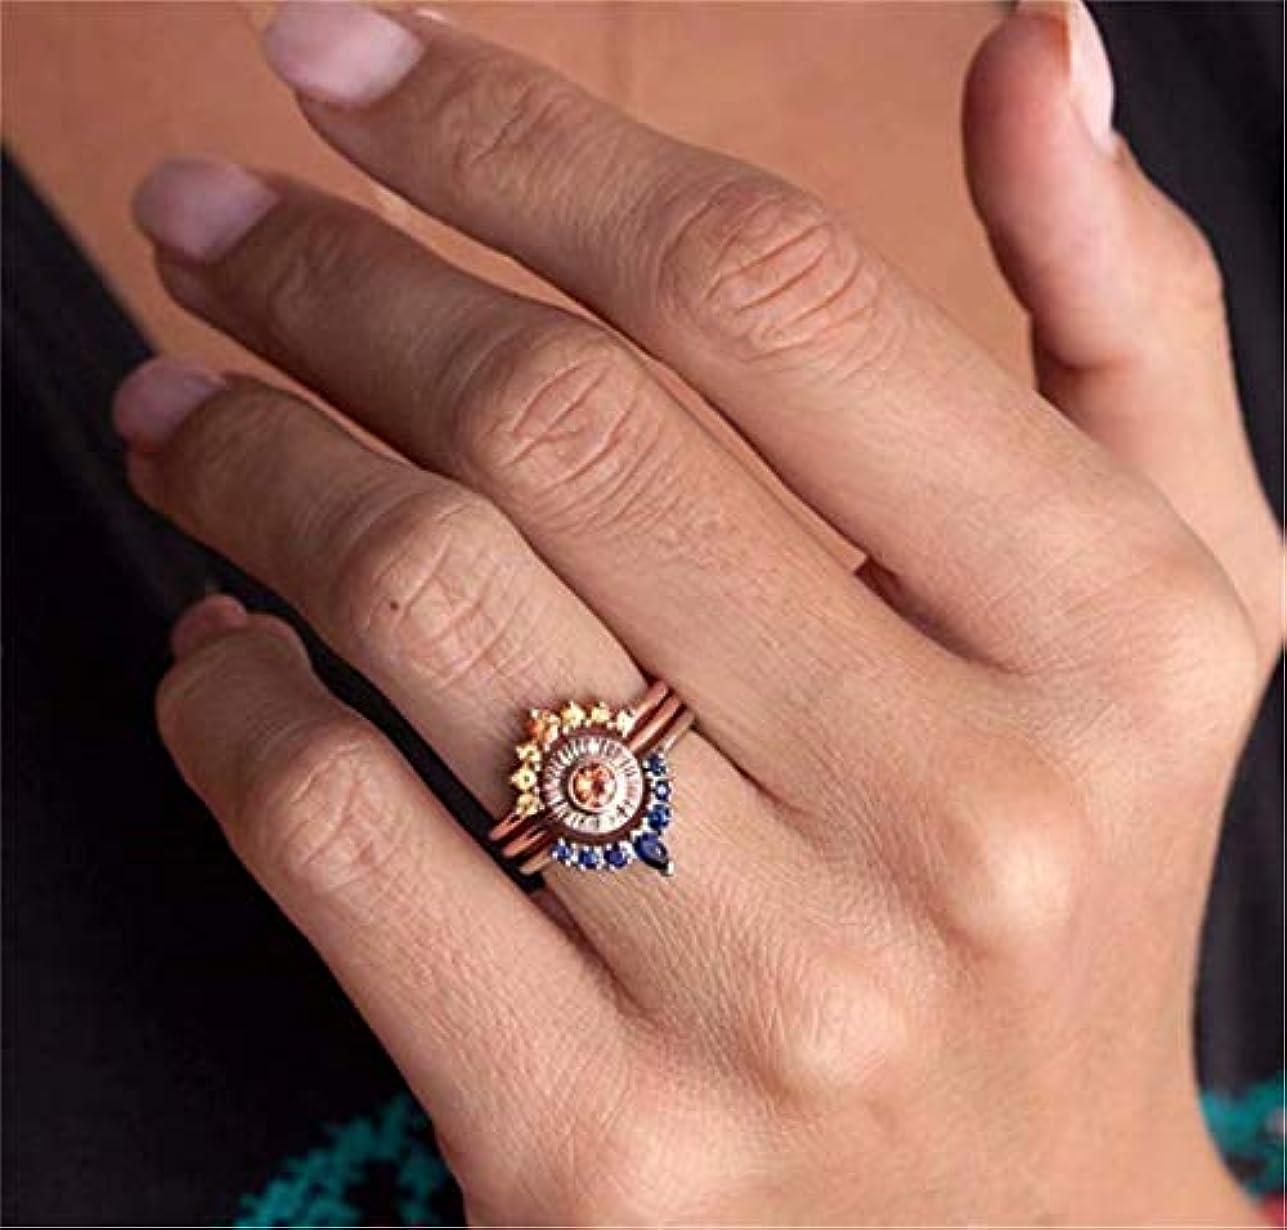 インレイ安価なスリップシューズ七里の香 指輪 ペアリング レディース メンズ リング キュービックジルコニア 結婚指輪 婚約指輪 シンプル フラワー 花 セット